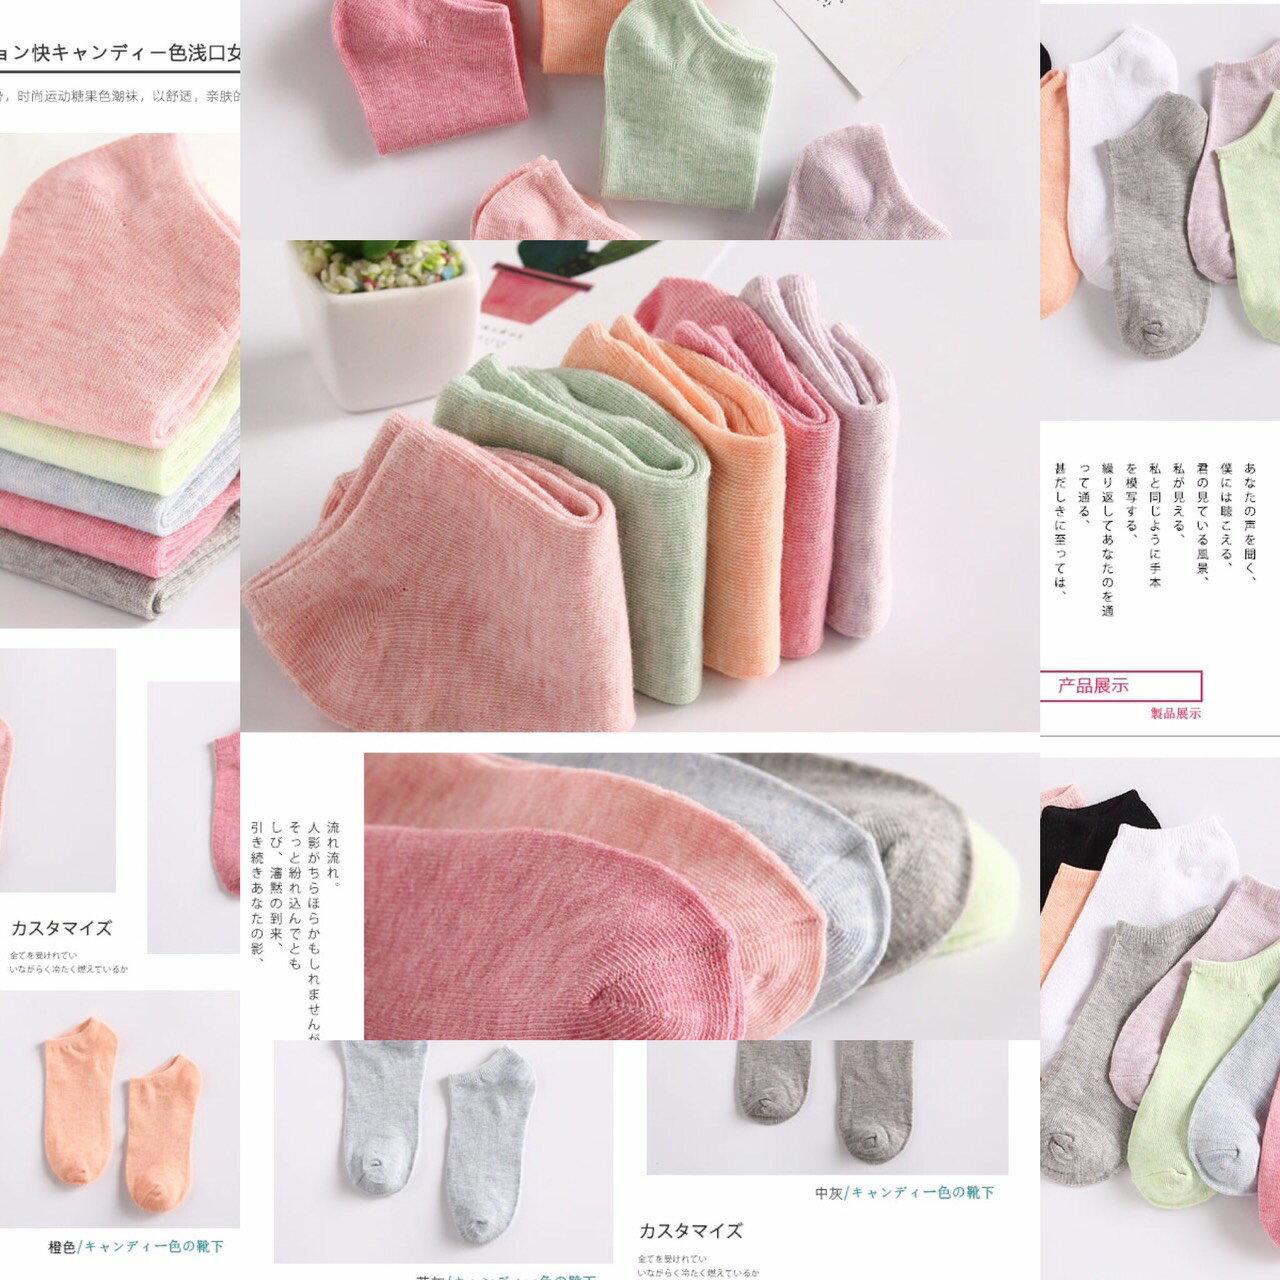 舒適繽紛馬卡龍船型淺口棉襪#多色可選 柔軟舒適 均碼 短筒